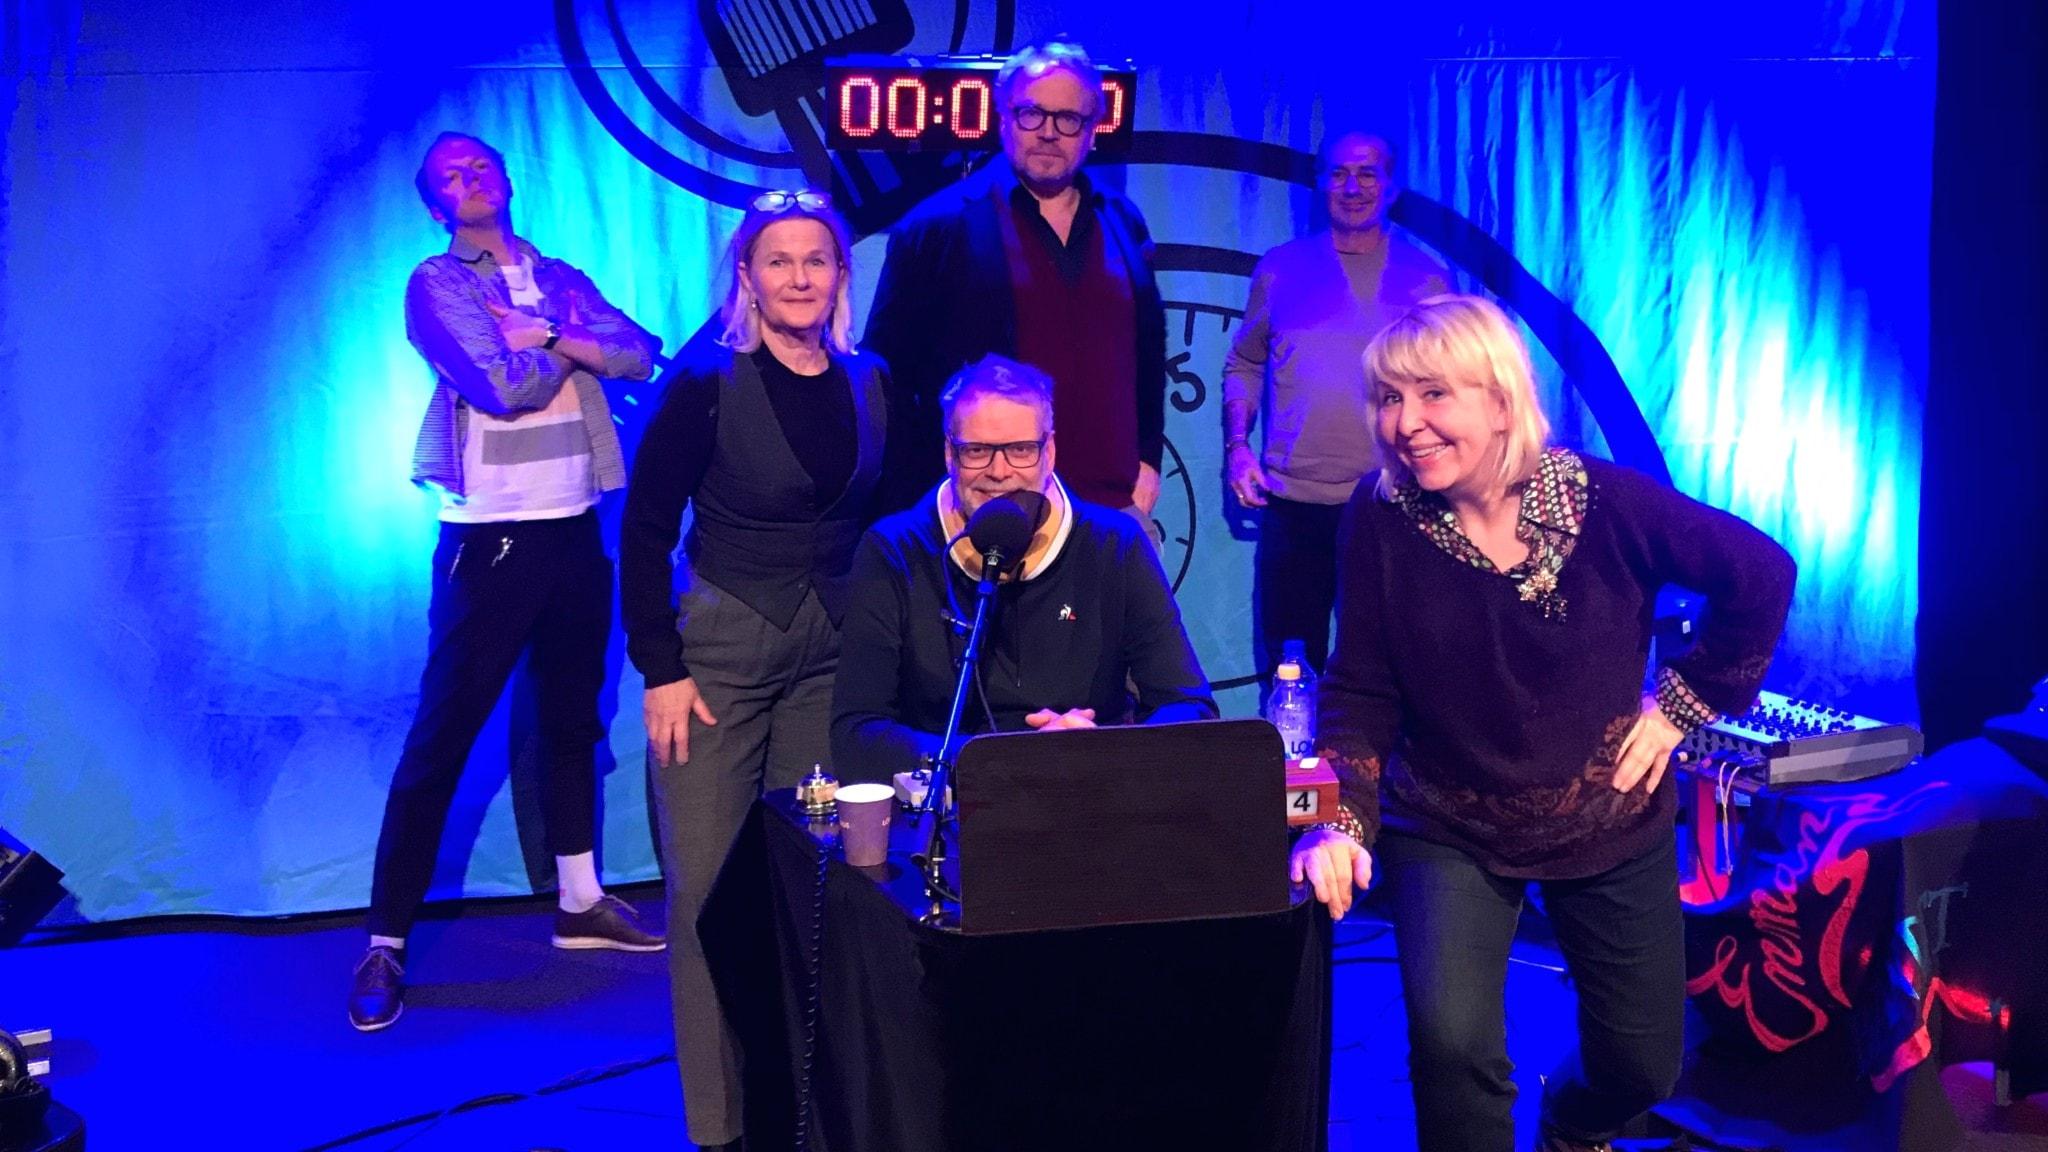 Några av de medverkande i På minuten: Hans Rosenfeldt, Pia Johansson, Olof Wretling, Sissela Kyle, Fredrik Lindström, Erland von Heijne.